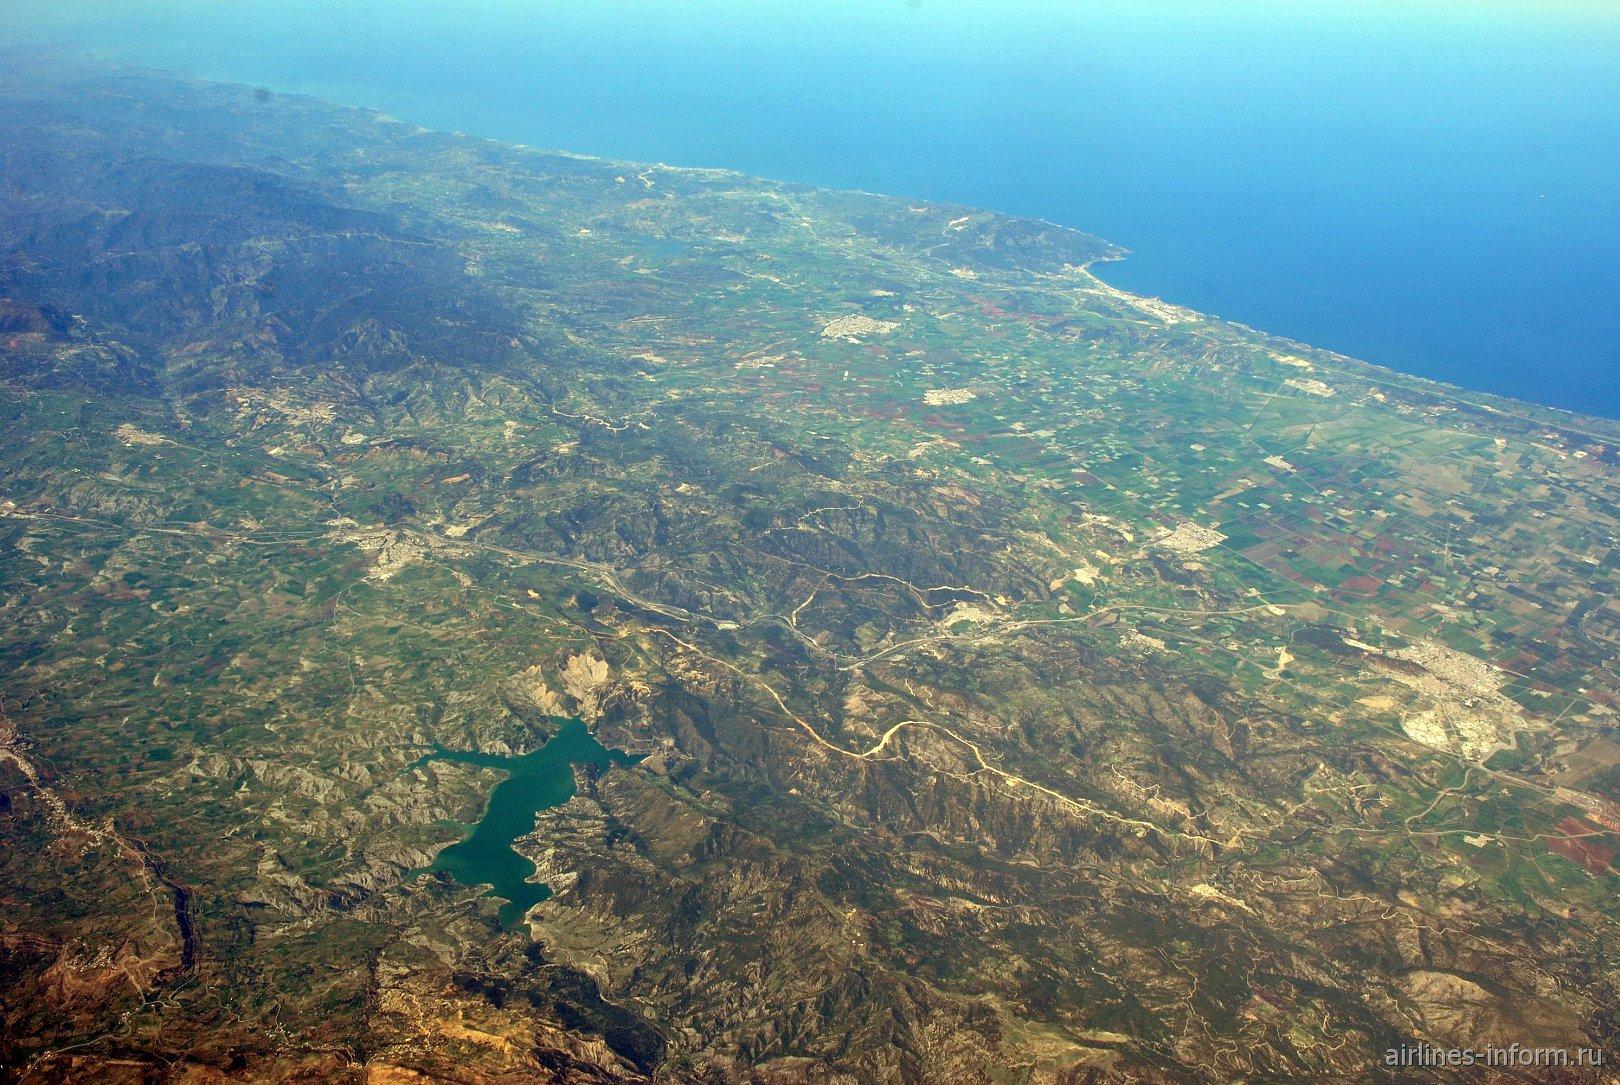 В небе над Алжиром. Водохранилище Барраж Буруми и побережье Средиземного моря.